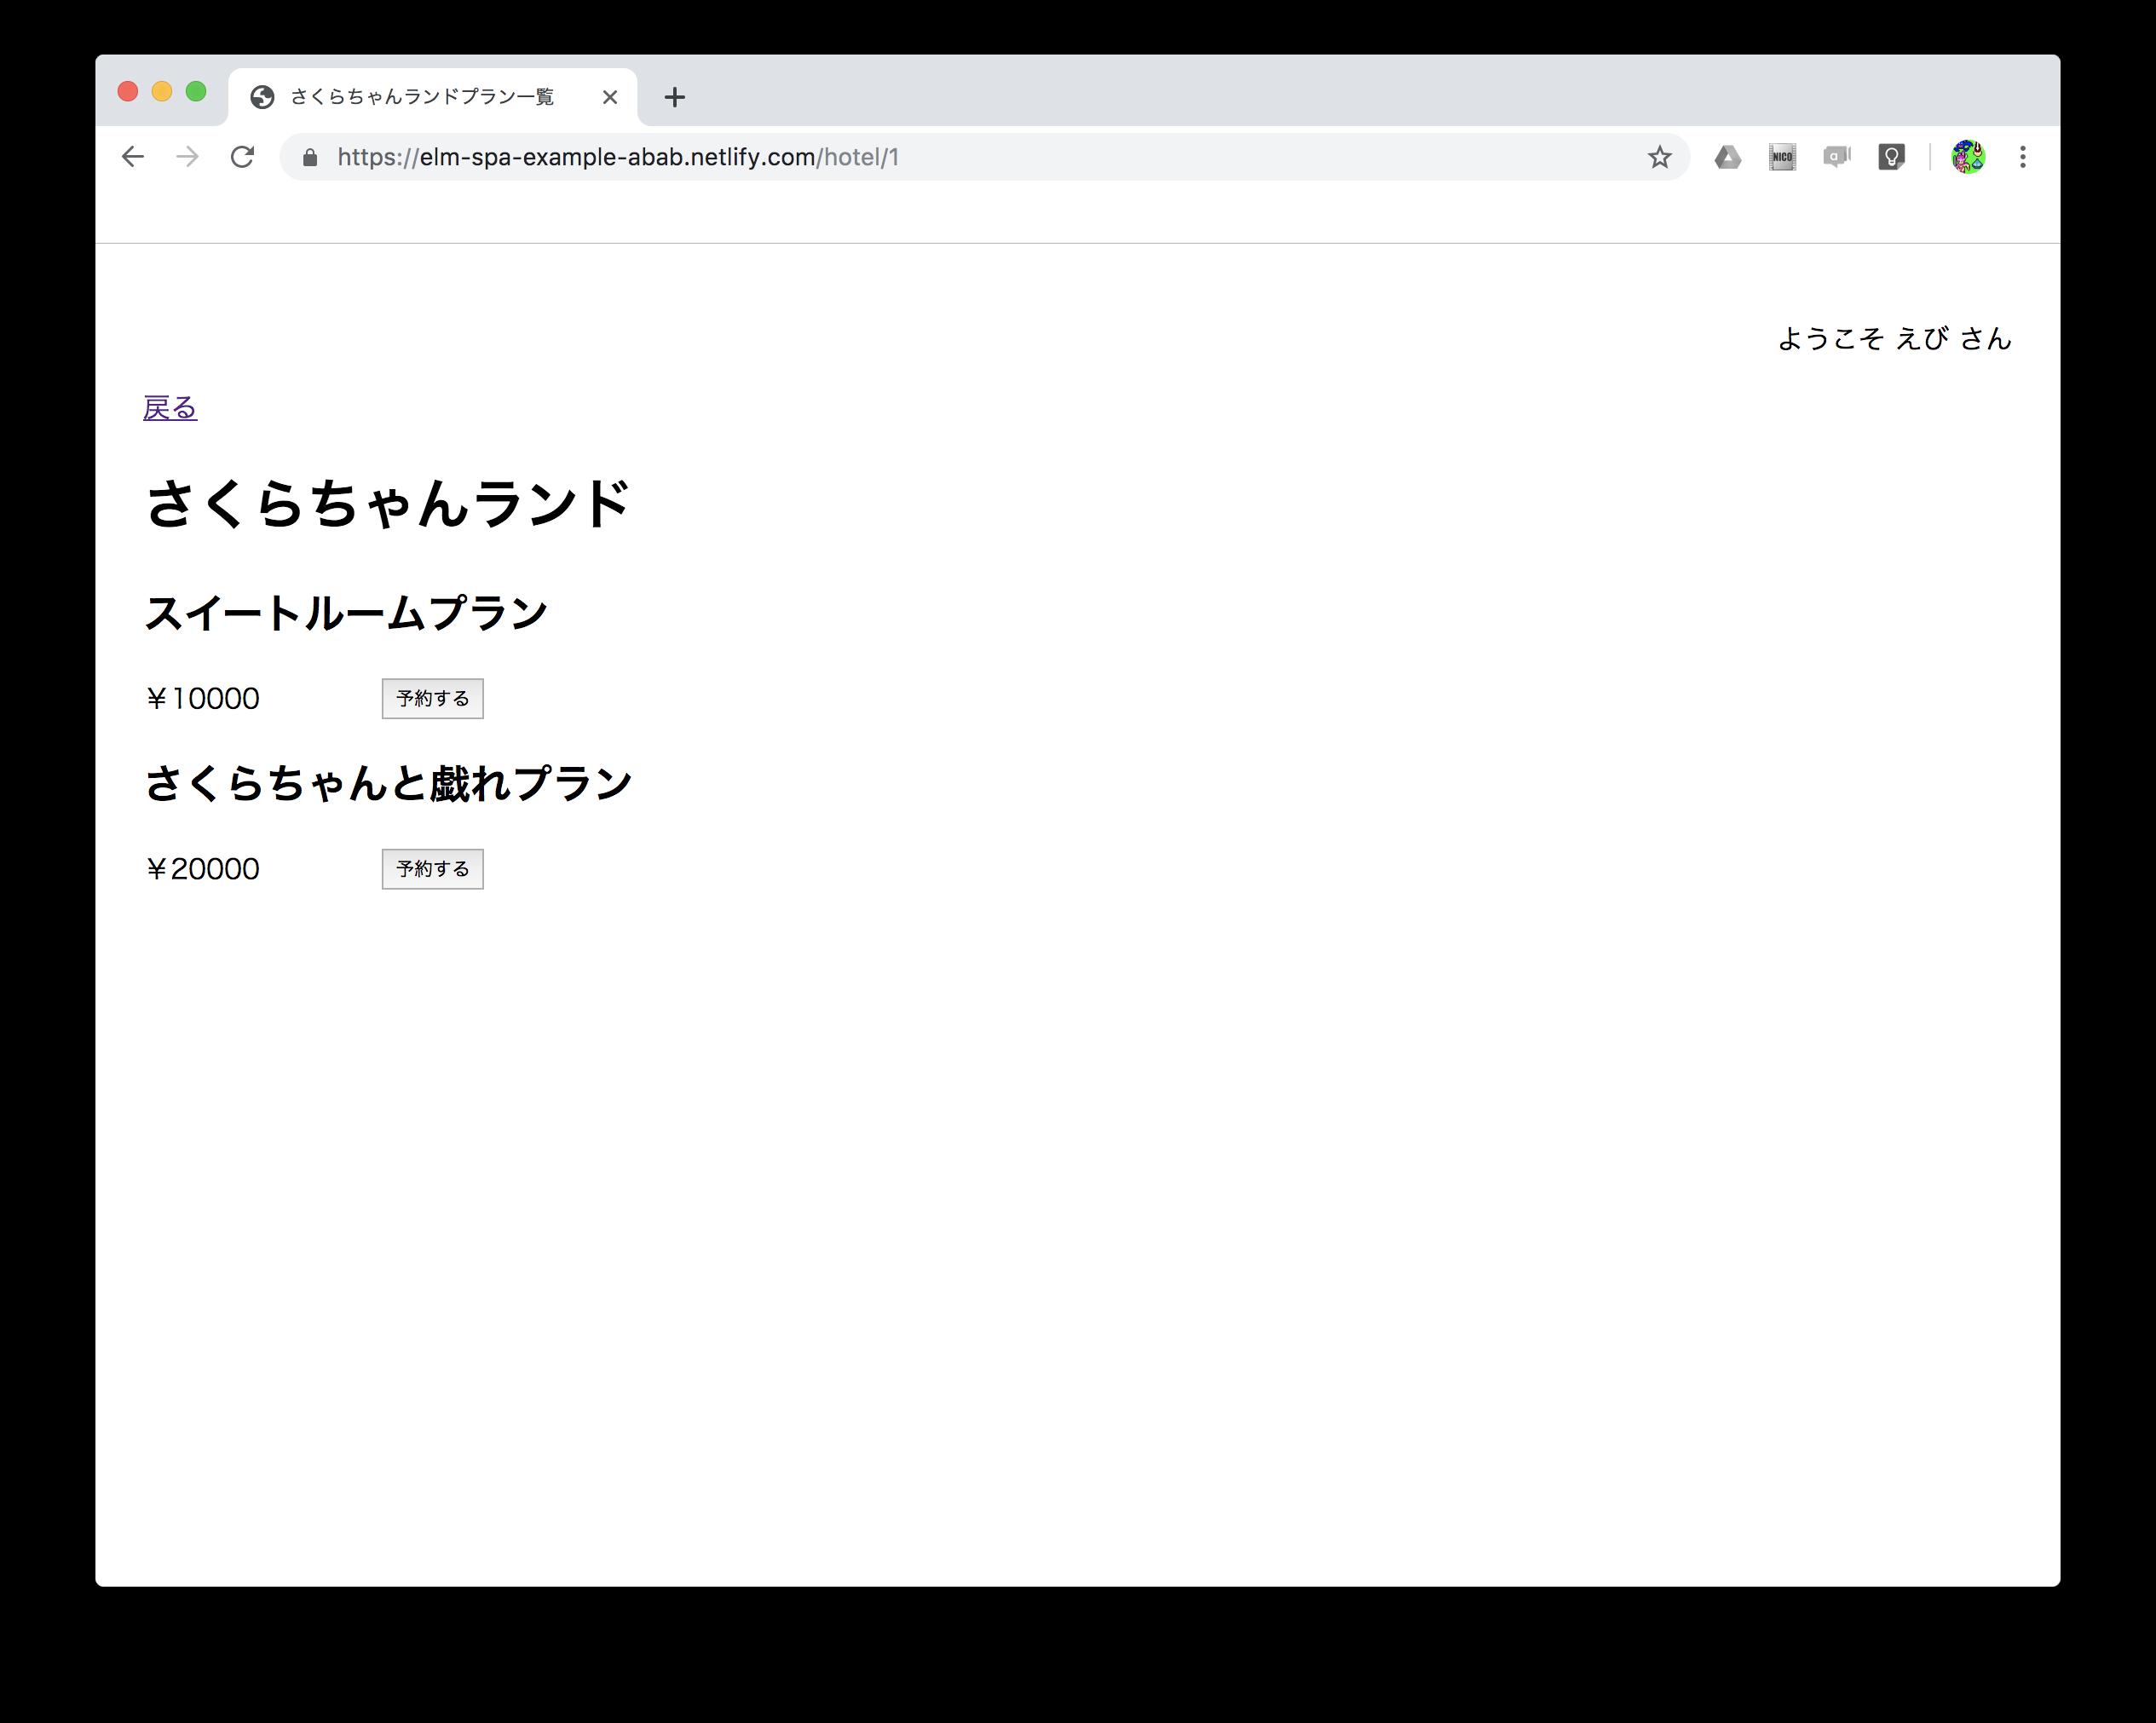 スクリーンショット 2019-06-09 10.34.24.png